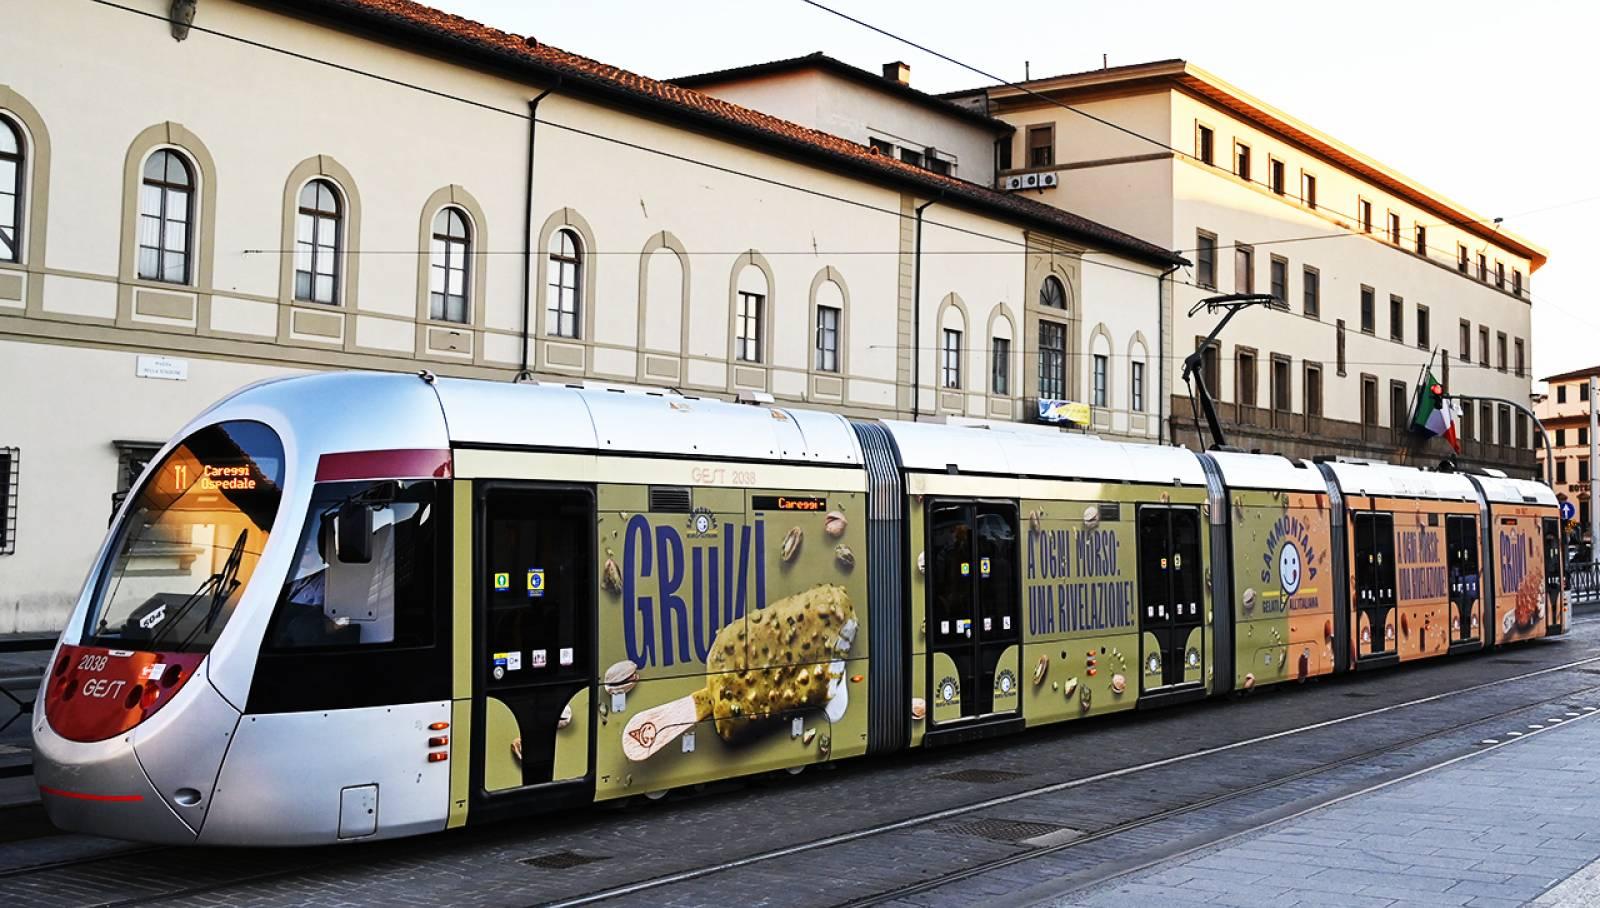 Pubblicità su tram a Firenze IGDPDecaux Full-Wrap per Sammontana